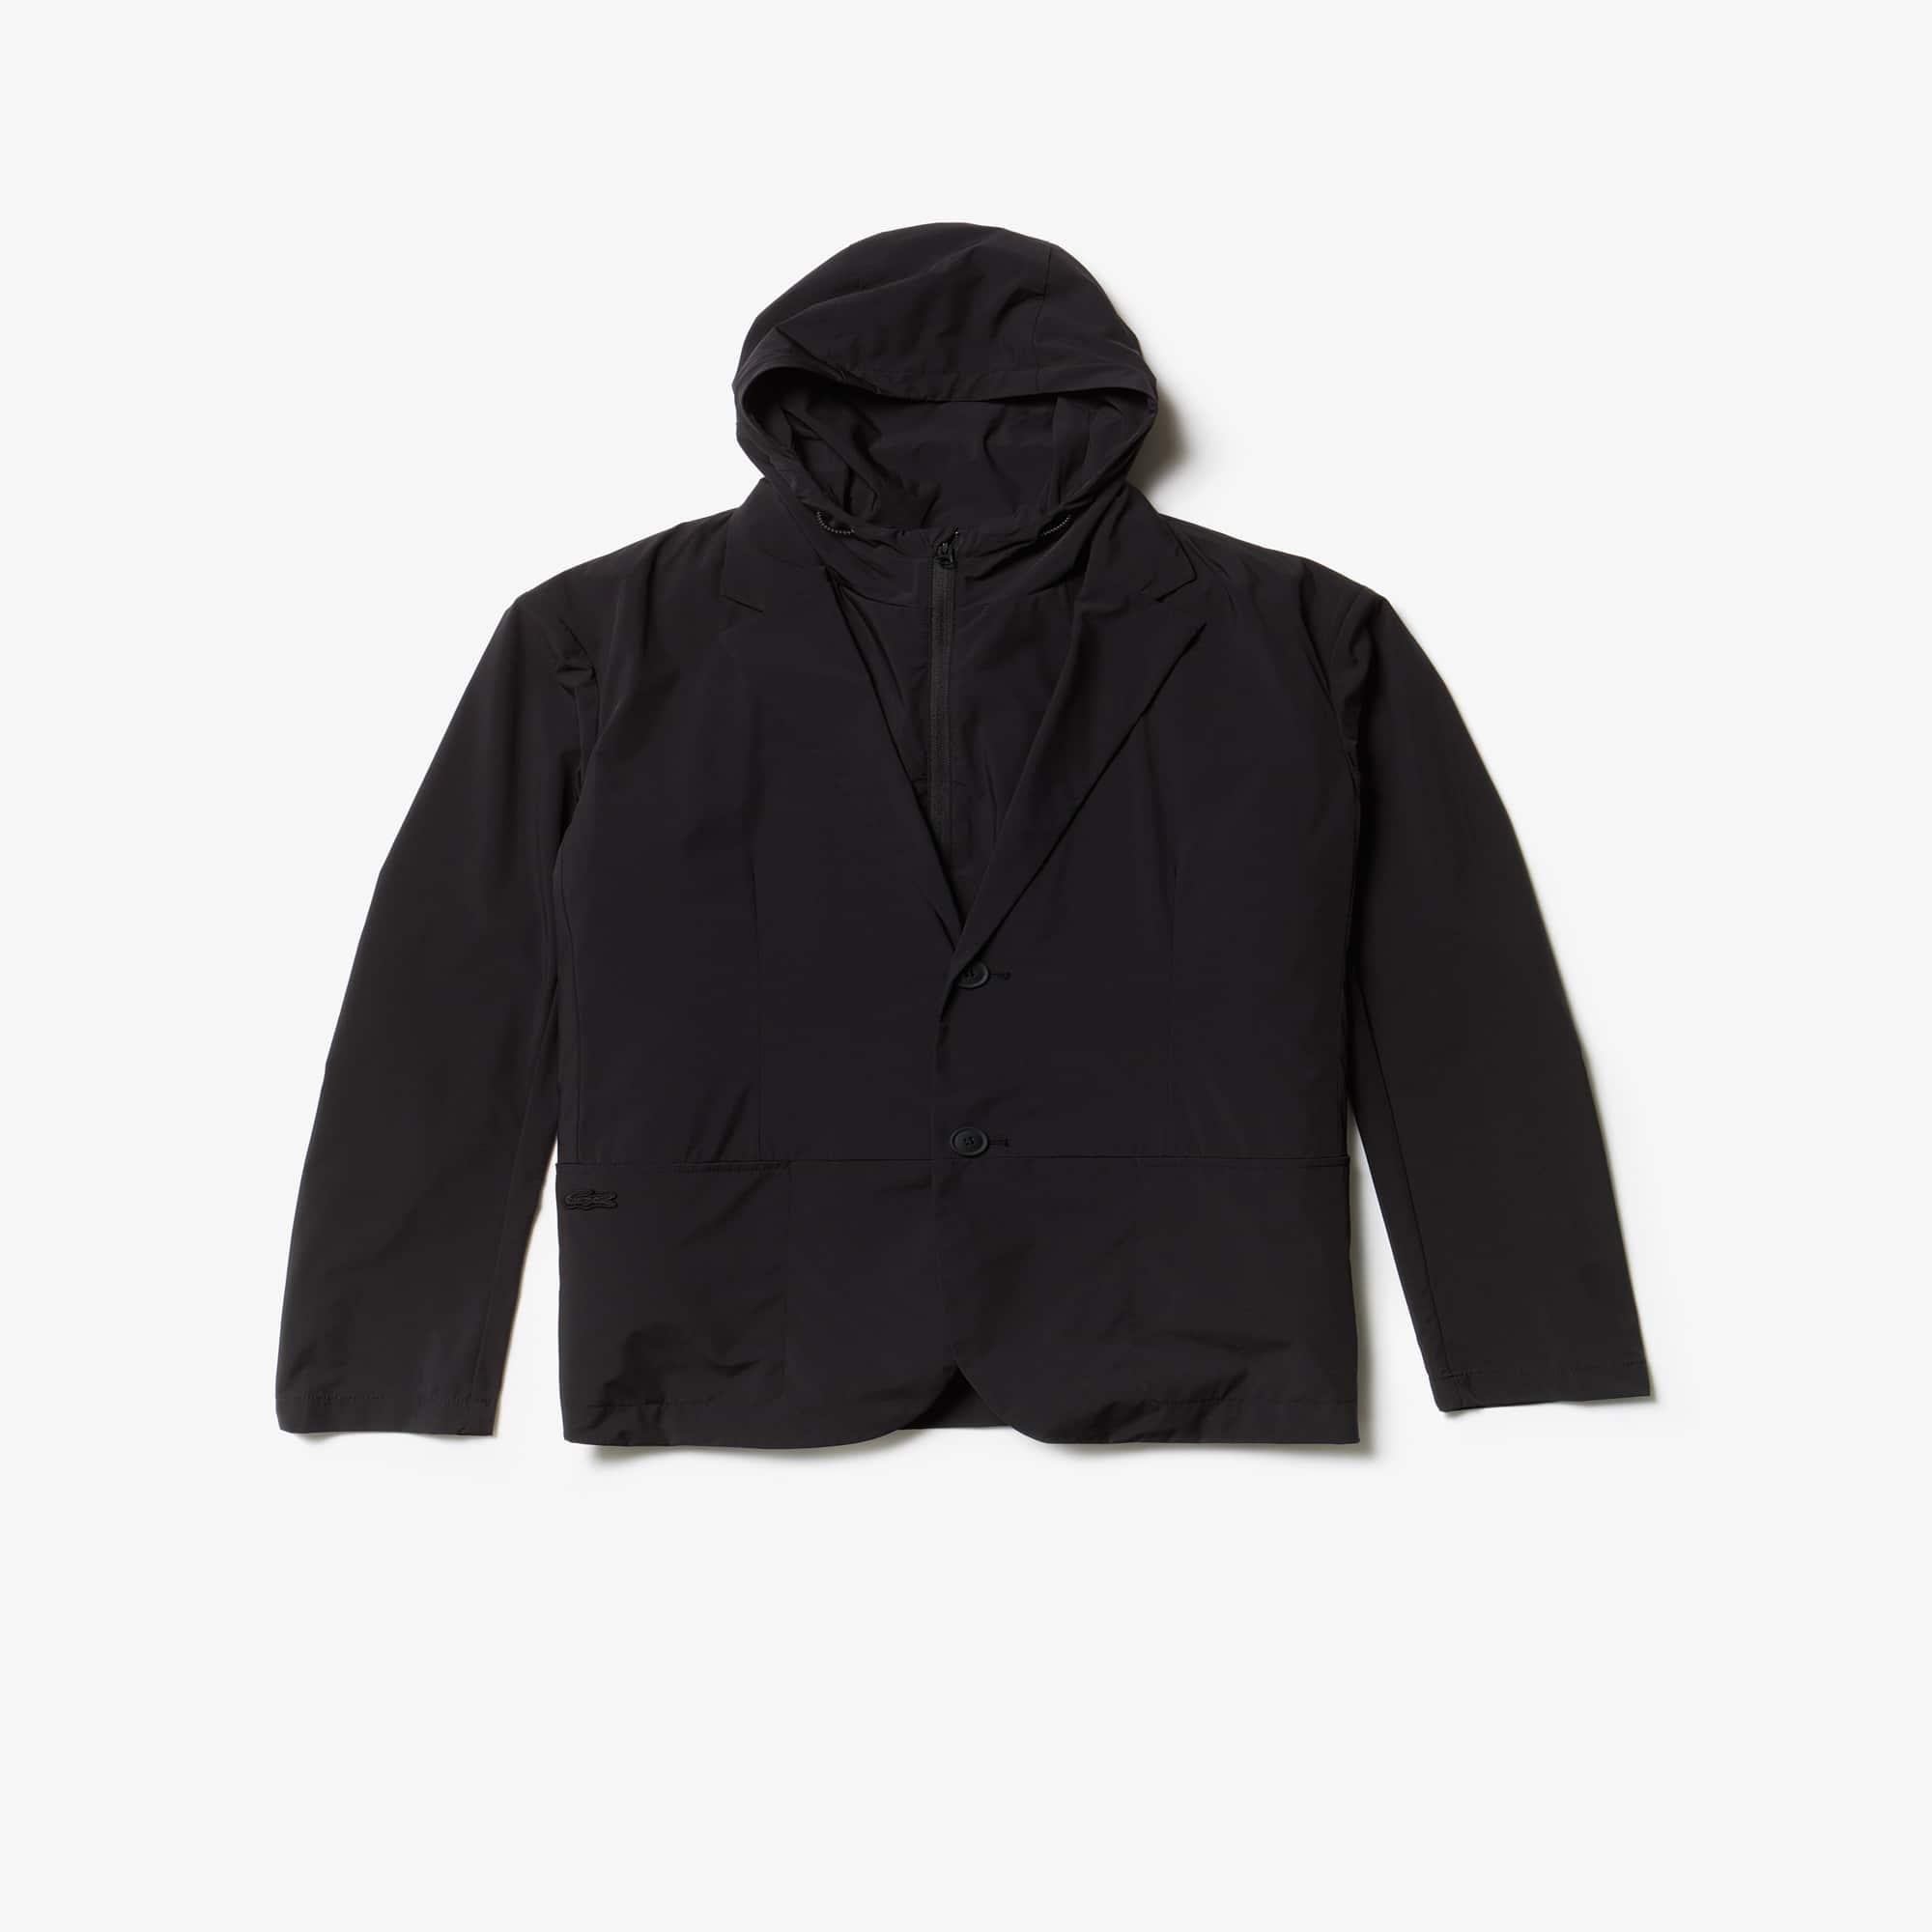 33f9dbe714b23d Men s Jackets and Coats